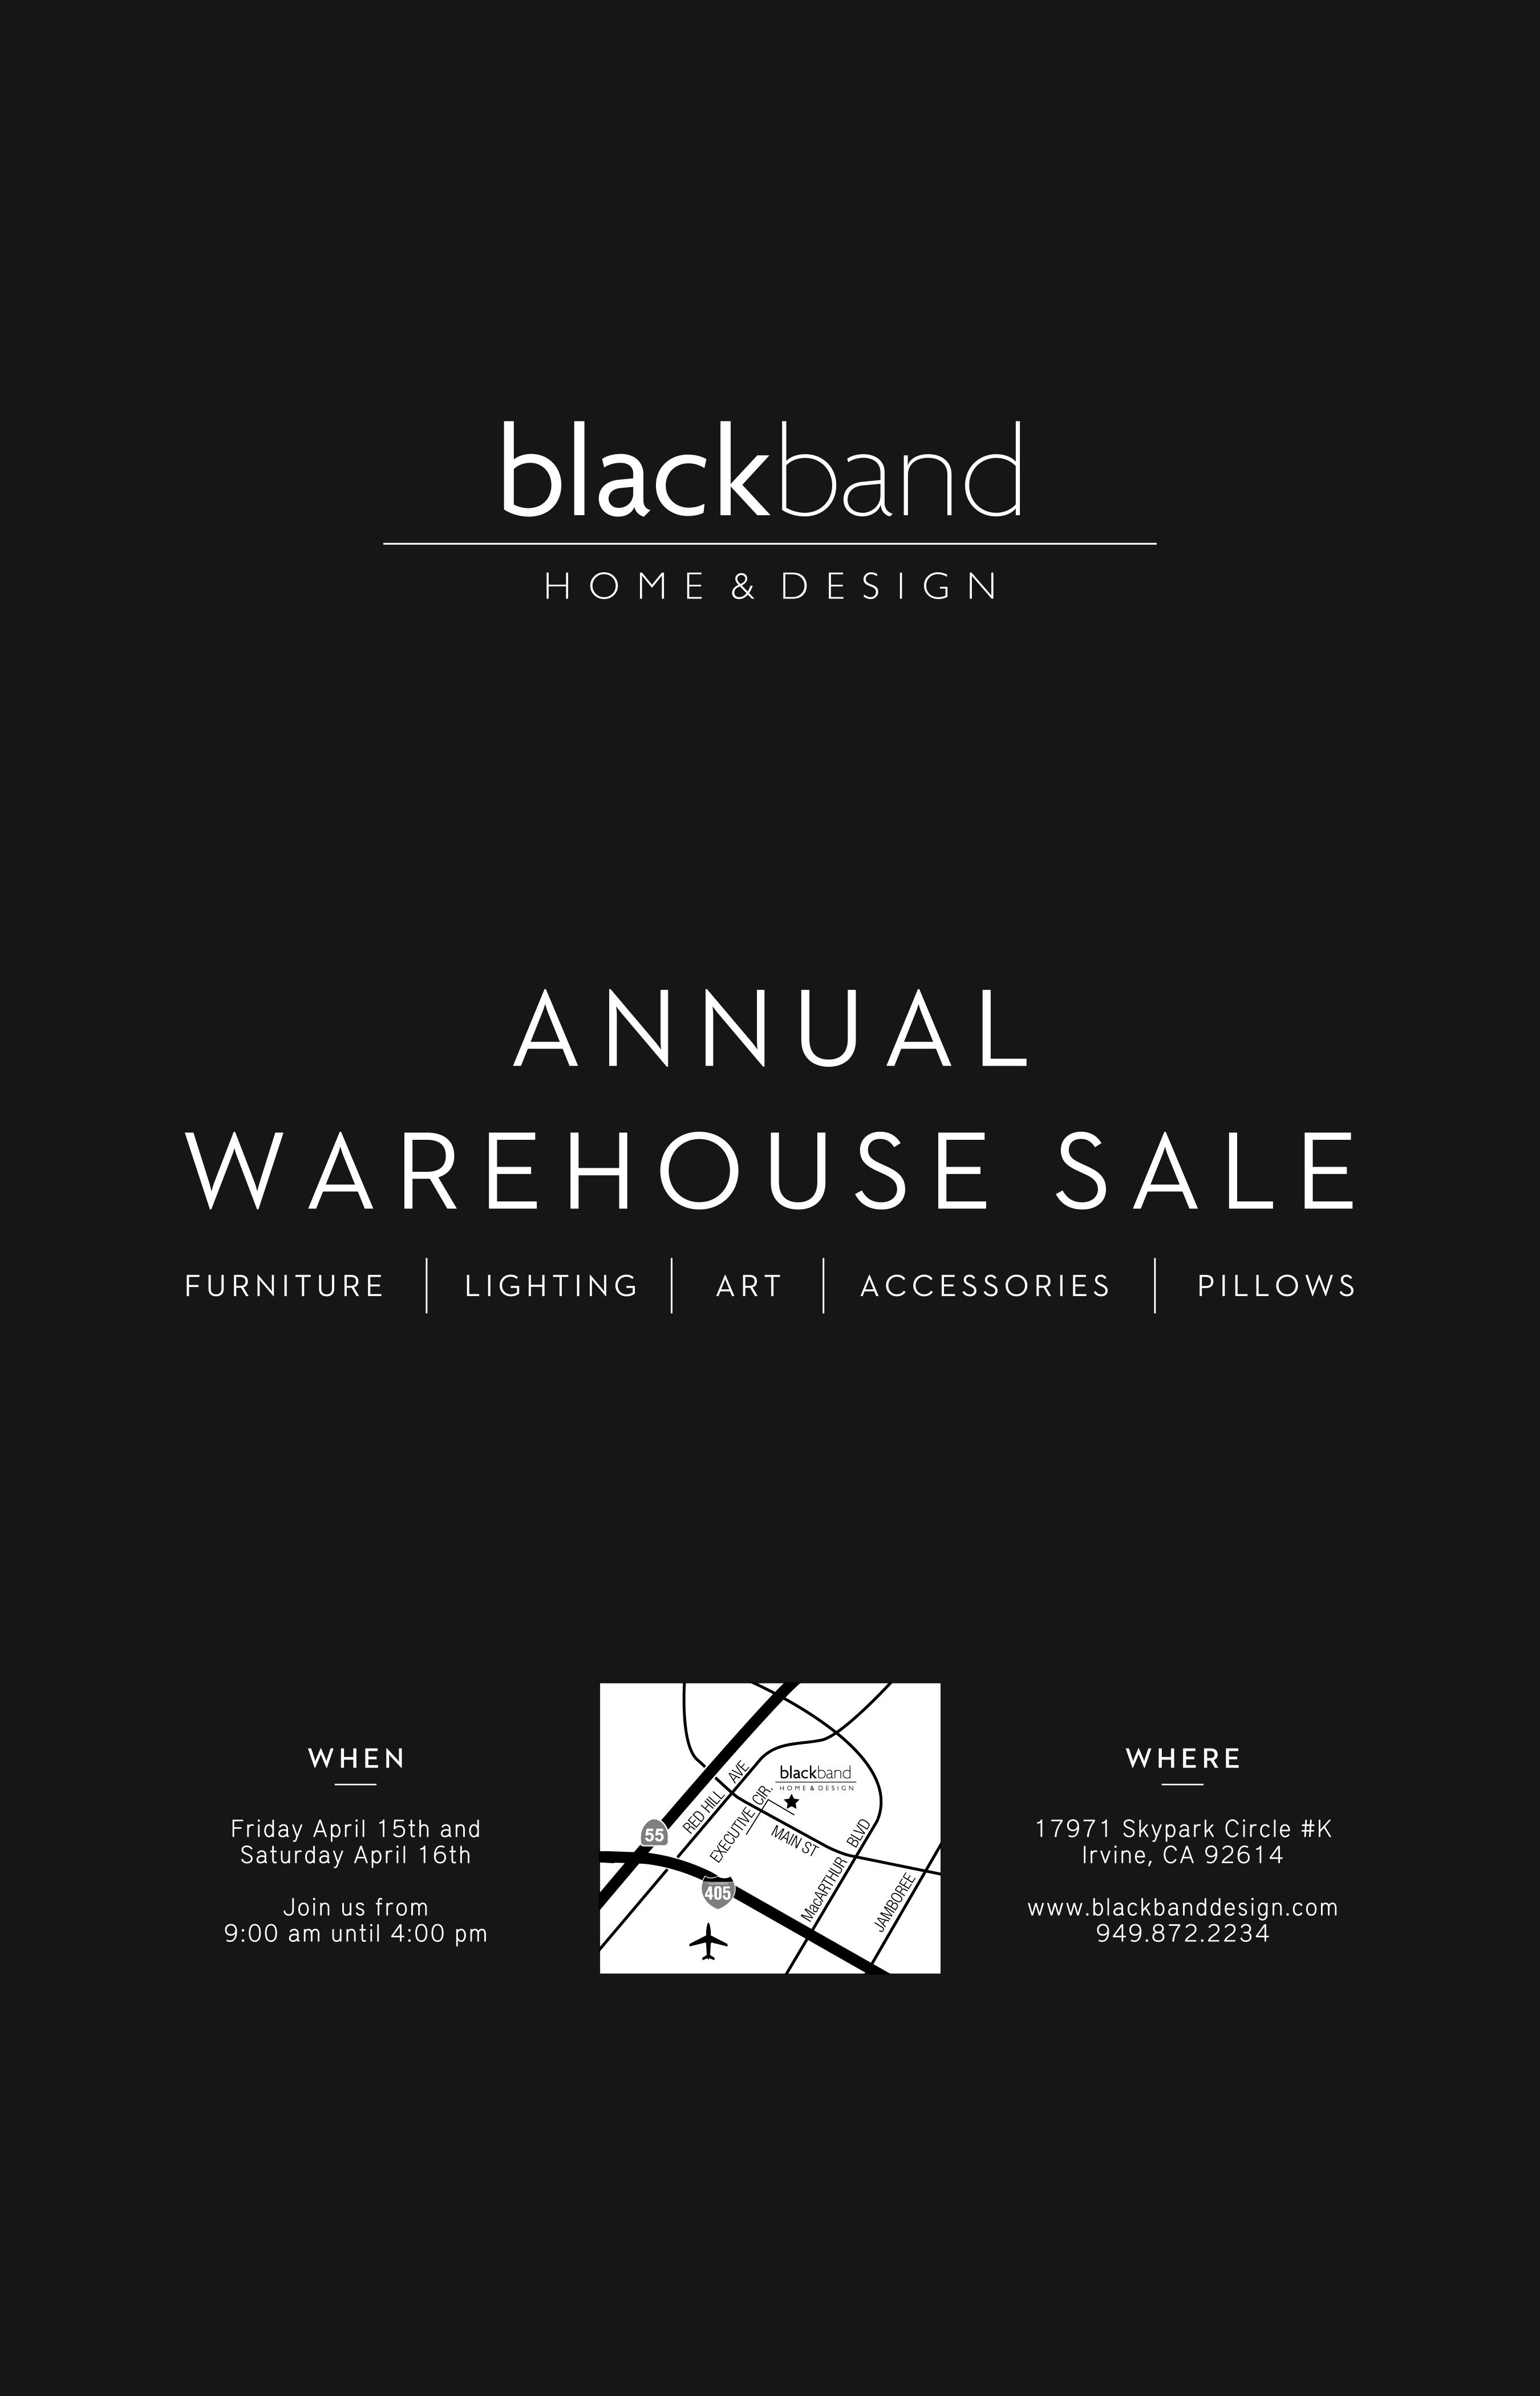 Blackband_Design_Ad10_Warehouse_Delivery_OL_CA4